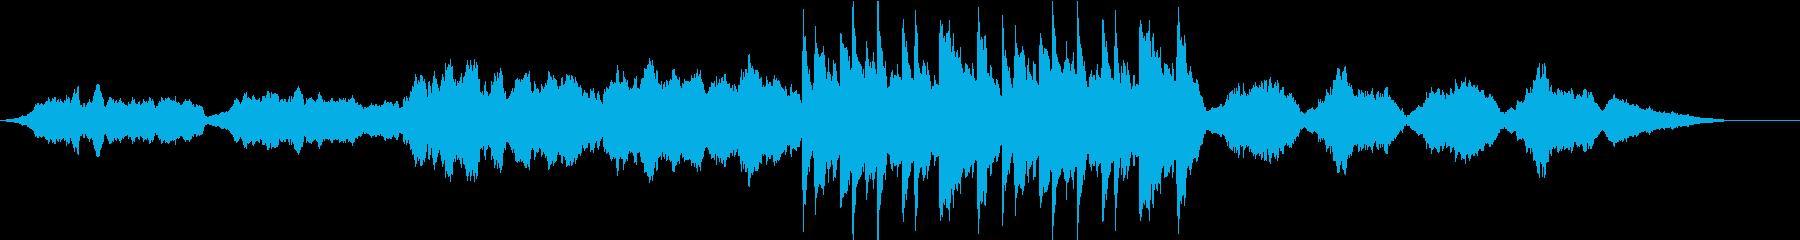 オンライン休憩用落ち着くクラシック4重奏の再生済みの波形